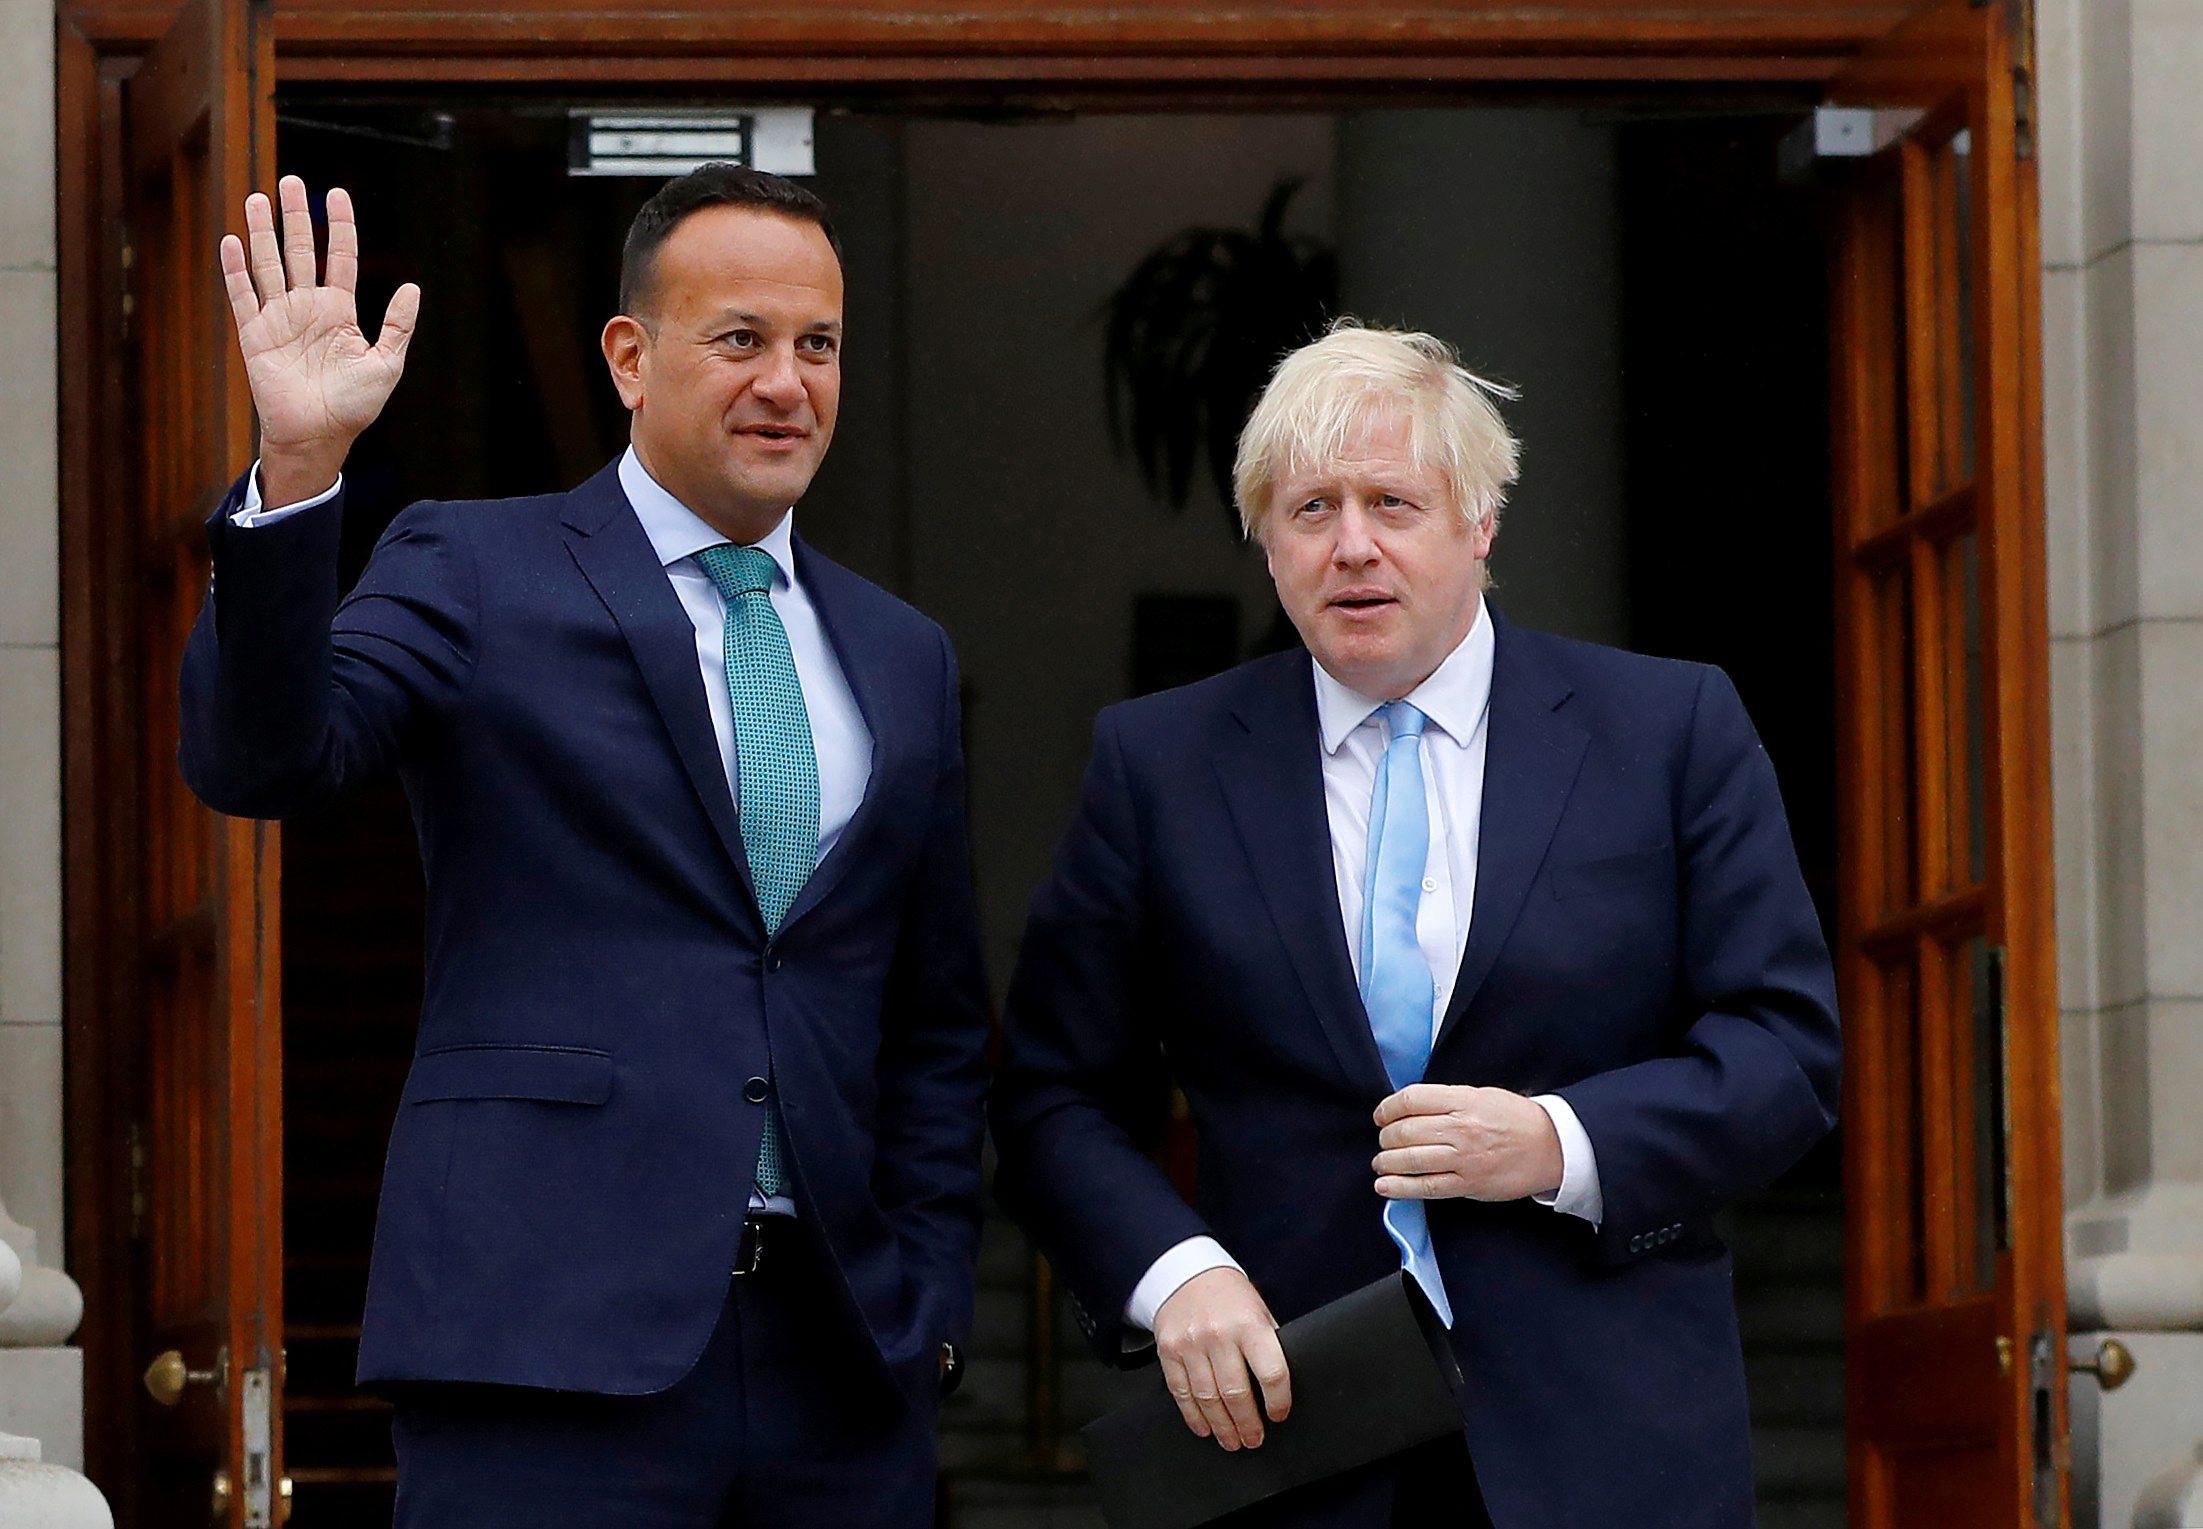 Irski premijer Leo Varadkar (lijevo) i njegov britanski kolega Boris Johnson tijekom pregovora o Brexitu